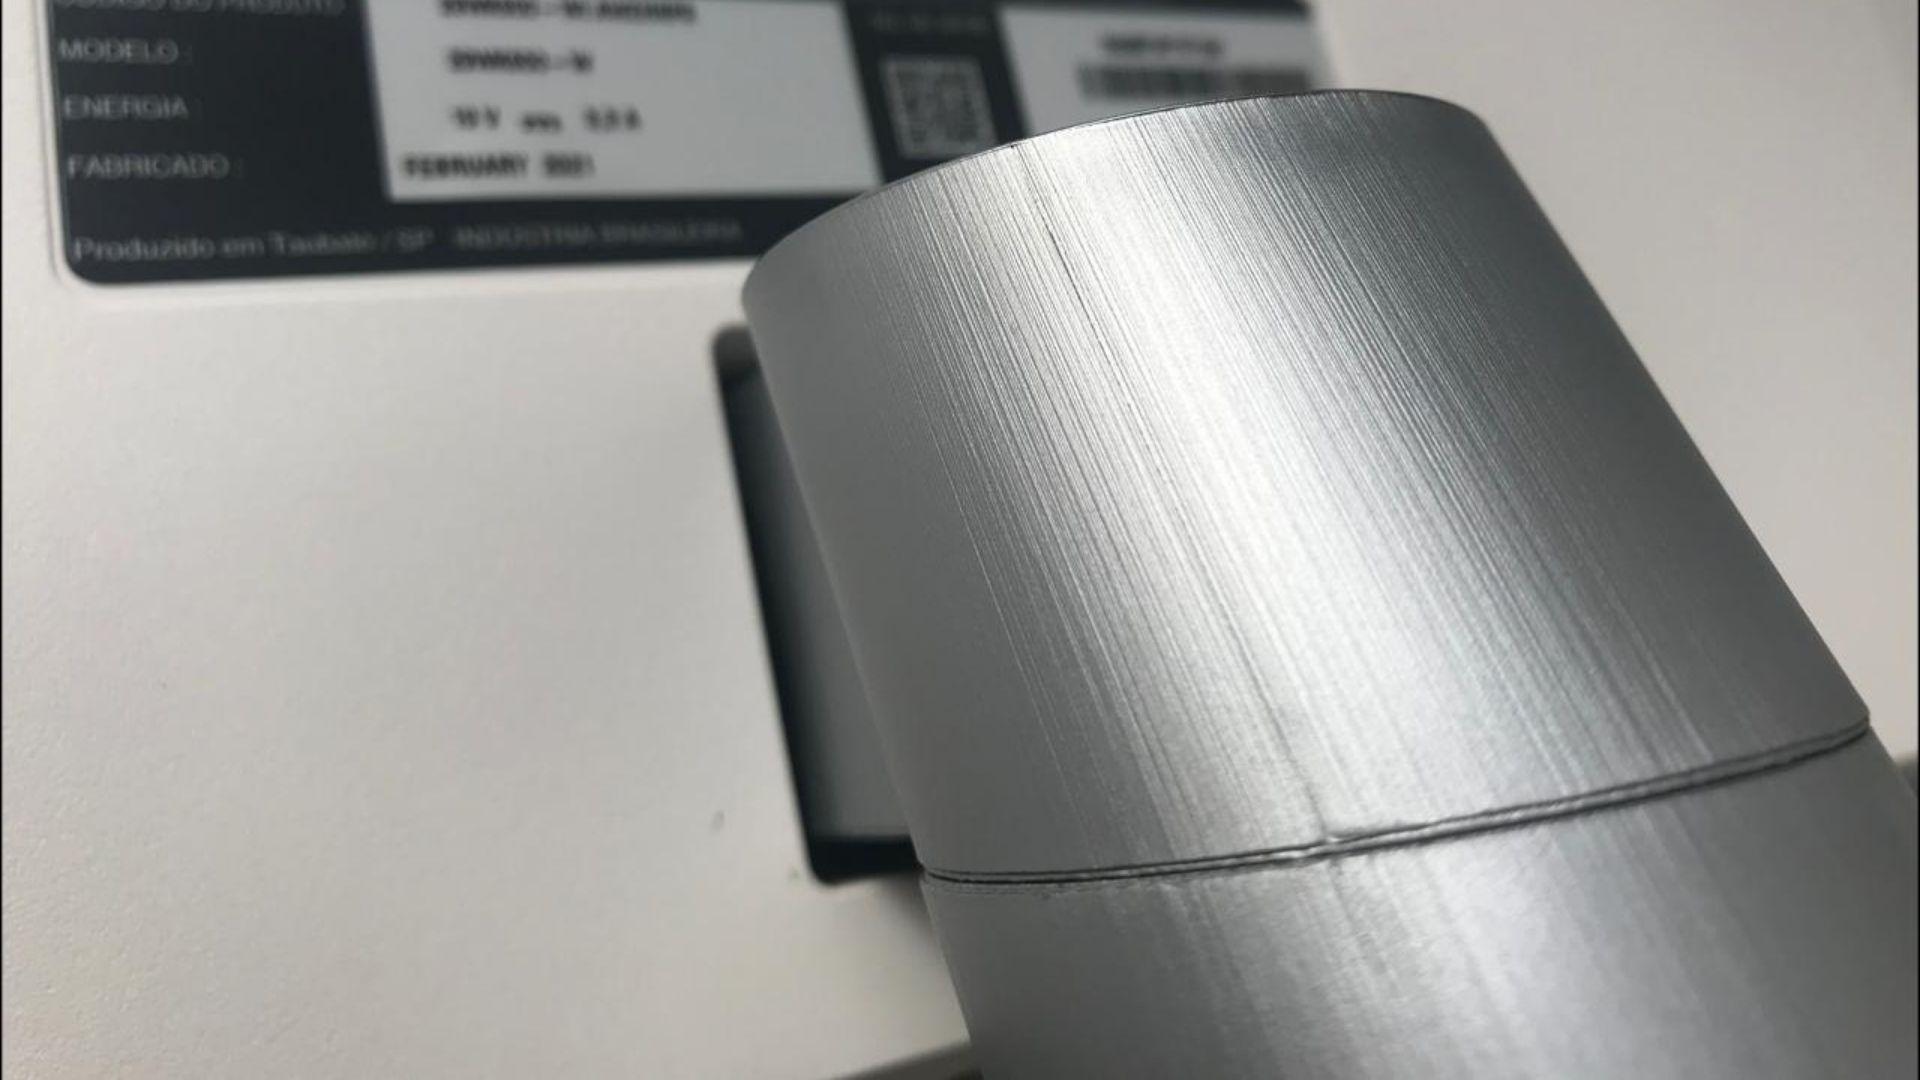 O suporte do monitor LG ultrawide 29'' vem com sua tampa, mas não é claro que ela é removível (Foto: Guilherme Toscano)